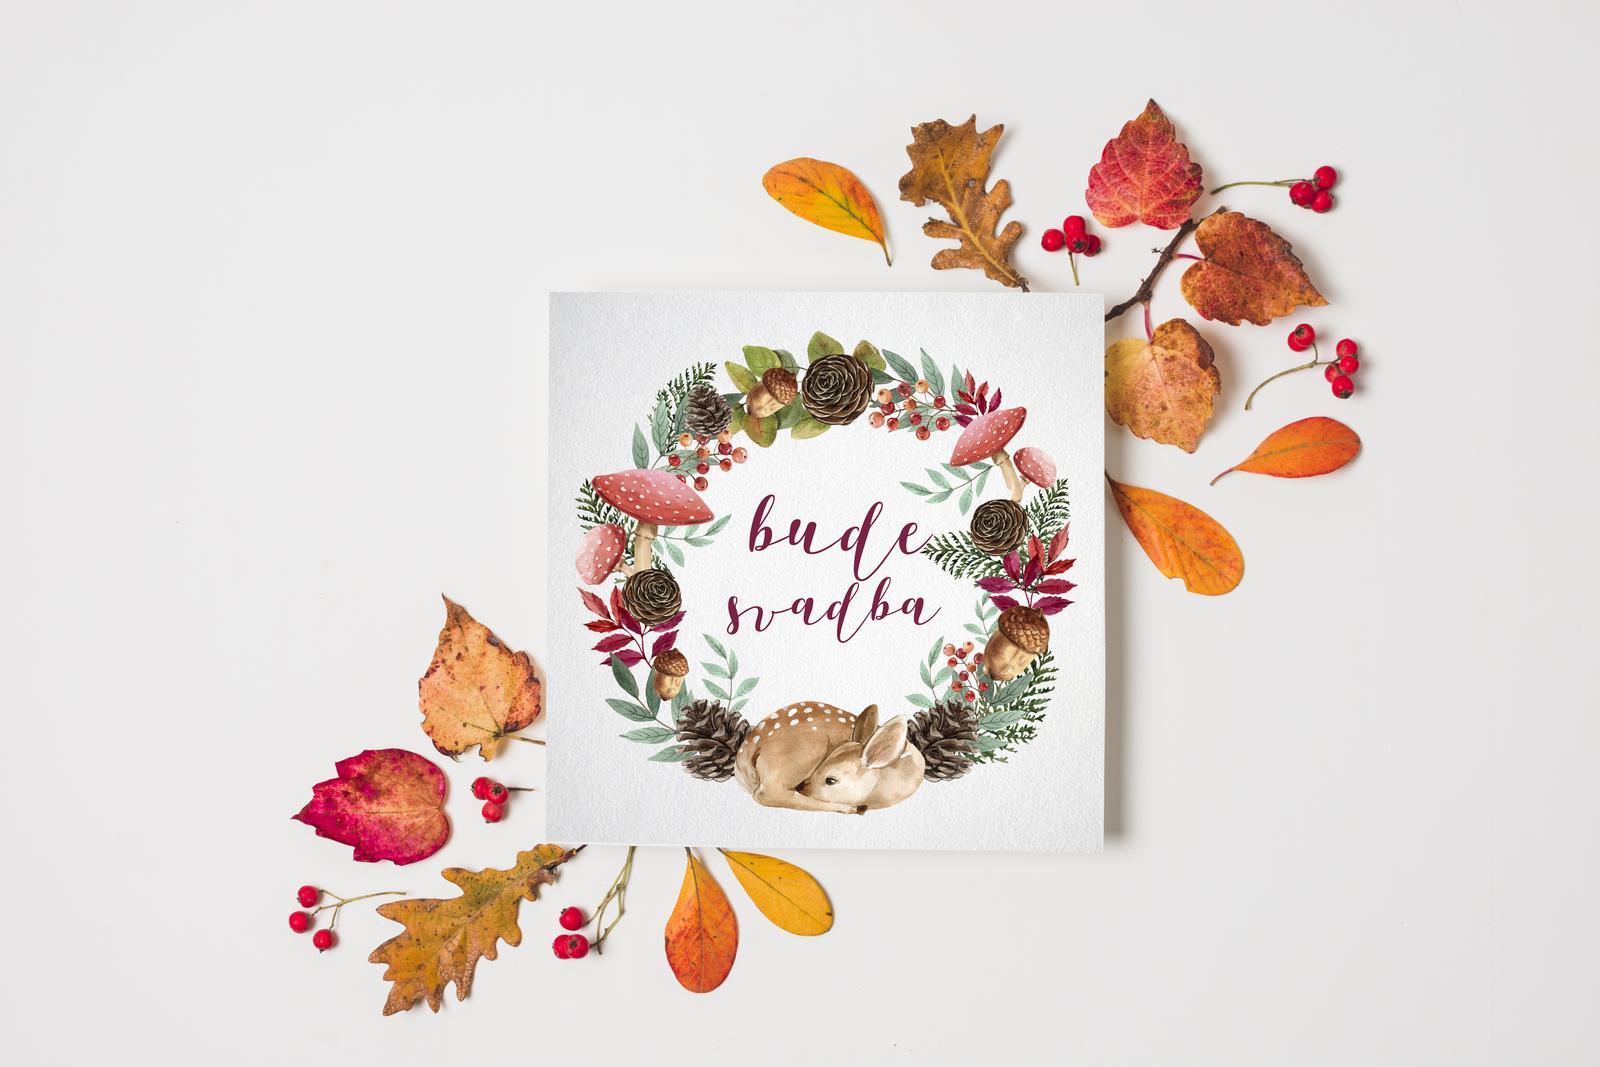 Jesenná svadba - Krásny pondelok moji kaktuskoví! 🙂🌵 Zdá sa, že jeseň k nám nakoniec dorazila v celej svojej kráse 🍂🍁a dáva možnosť využiť všetky svoje farby na takomto krásnom svadobnom oznámení 😉🌼🍂🍁 Čo na to hovoríte Vy? Idete do toho?🙂 Dajte mi vediet v k